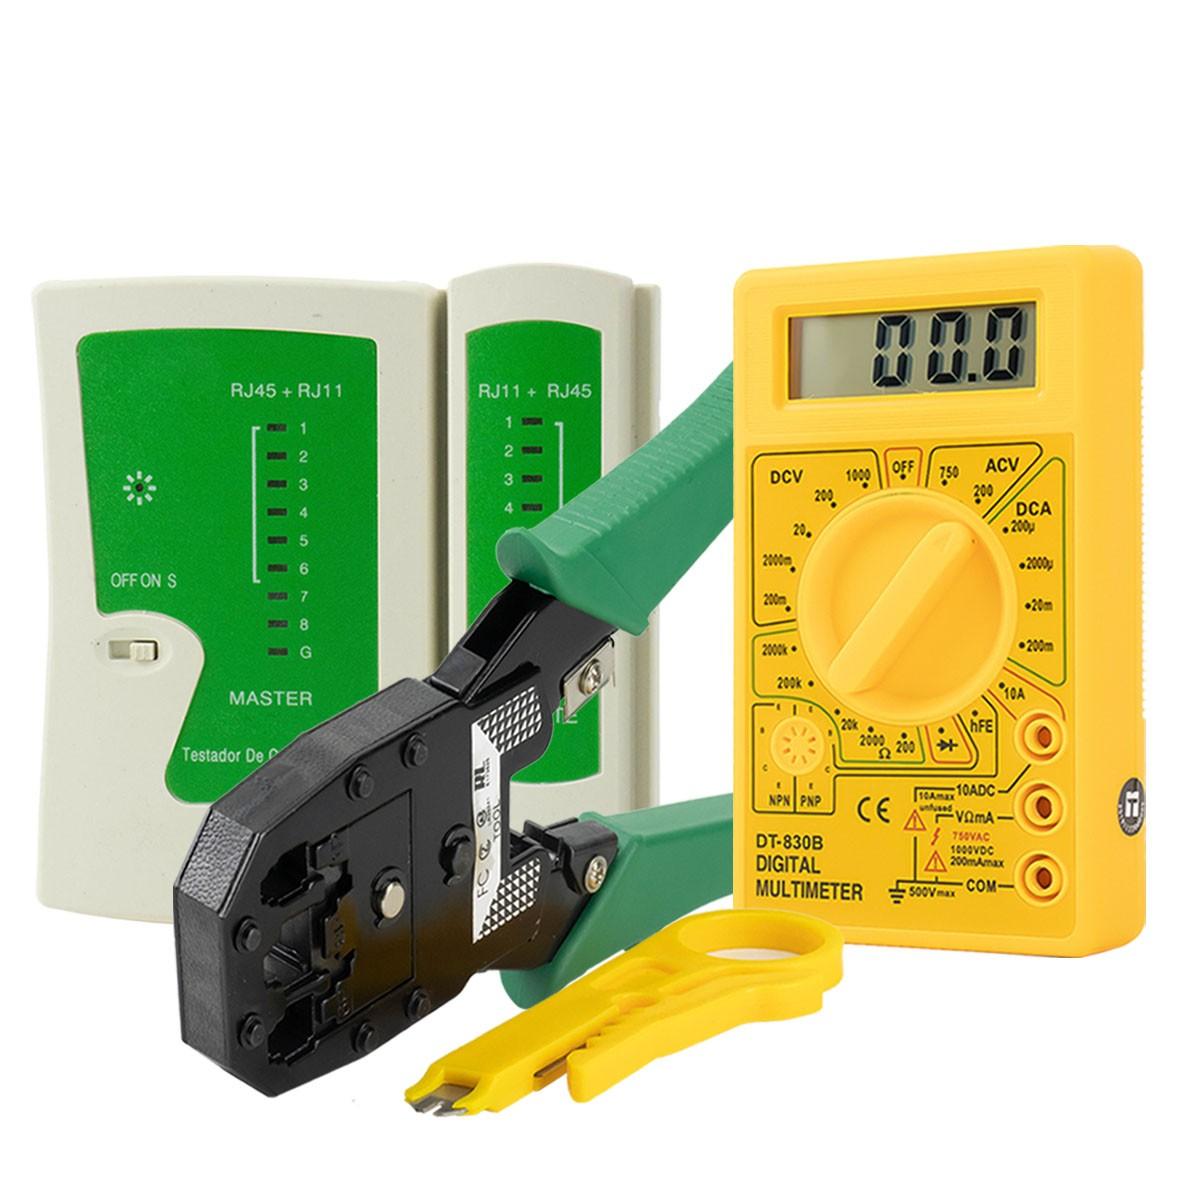 KIT Multímetro Digital + Testador de Cabo RJ45 e Rj11 + Alicate de Crimpagem RJ45 e RJ11